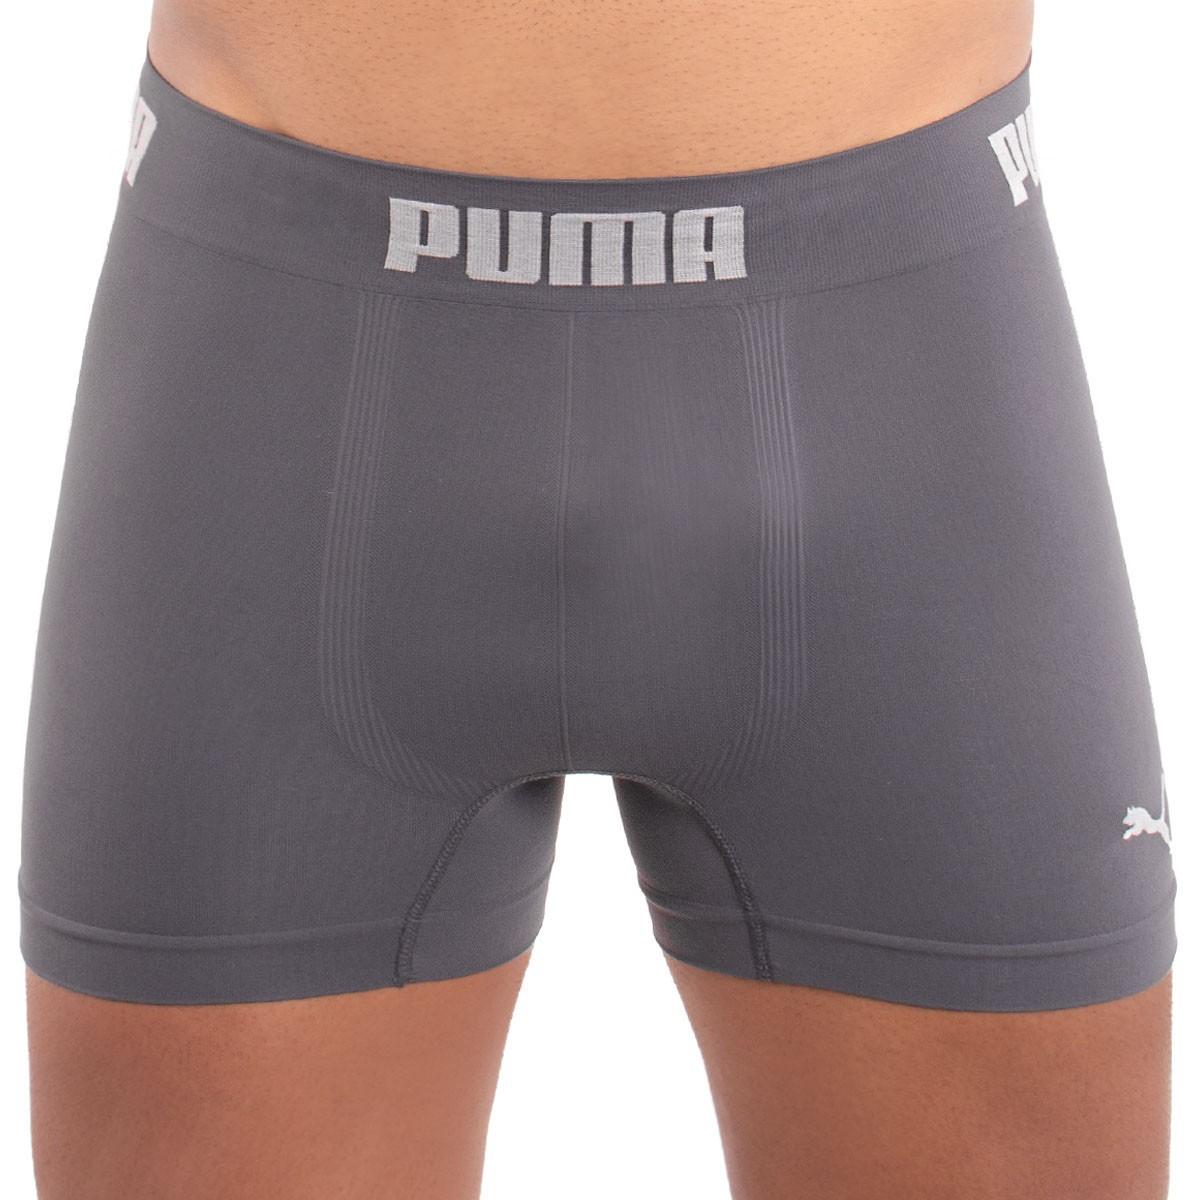 Cueca modelo boxer em microfibra Puma